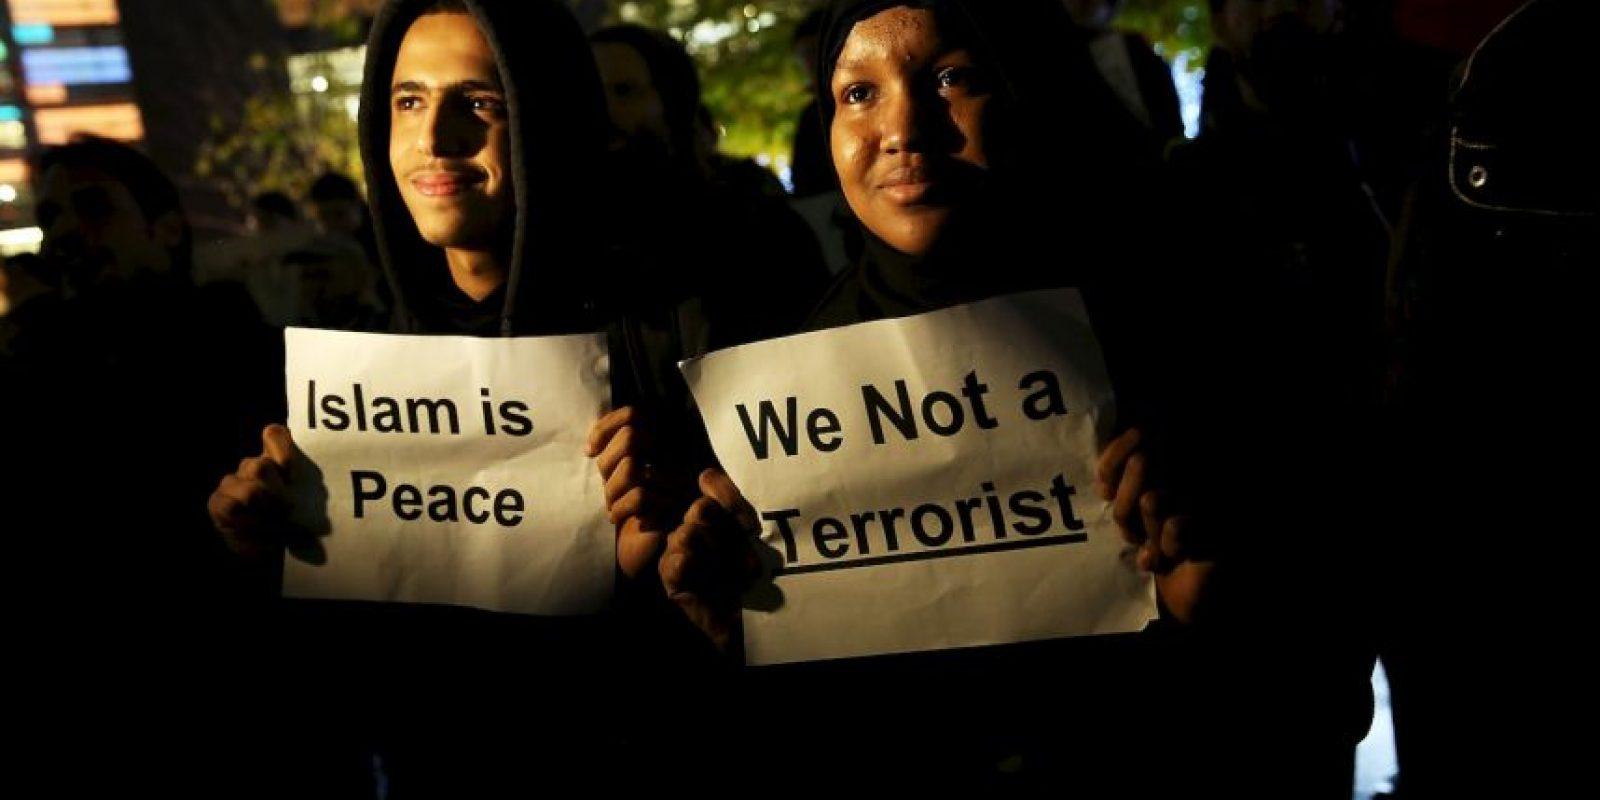 Muchas personas de esta comunidad aseguran que sus creencias en el Islam no tienen nada que ver con los extremistas. Foto:Getty Images